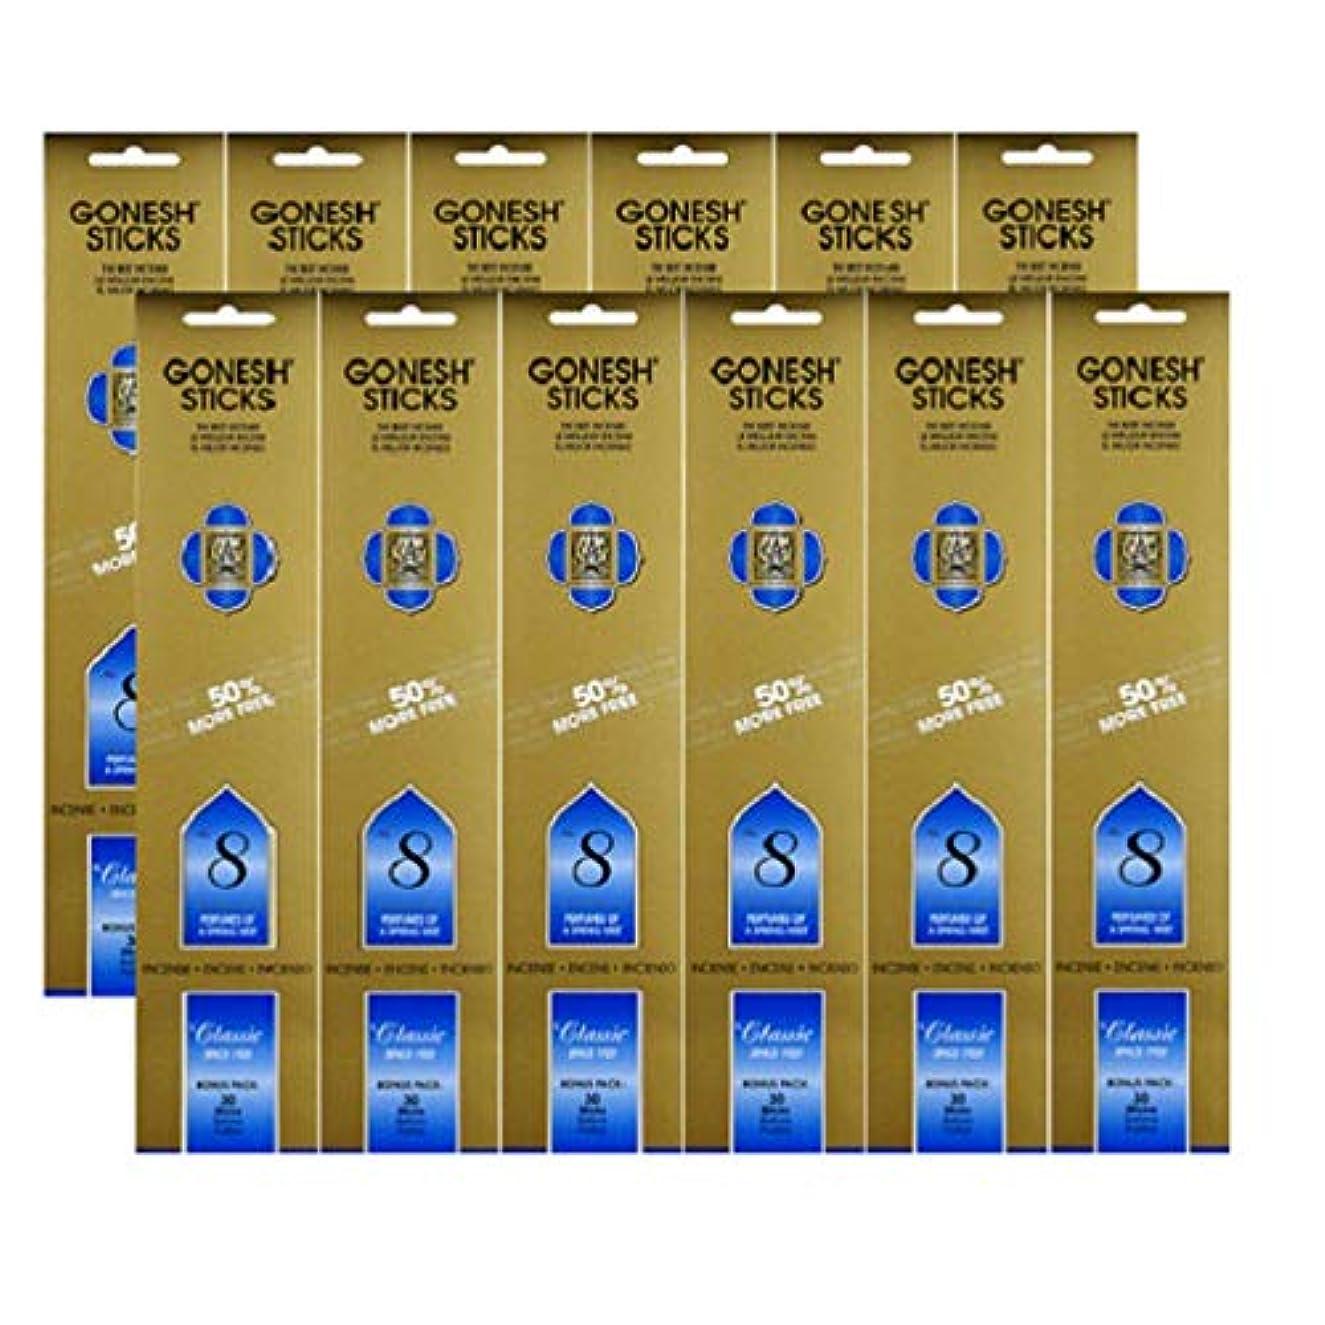 ケープこどもセンター調整するGonesh #8 Bonus Pack 30 sticks ガーネッシュ#8 ボーナスパック30本入 12個組 360本